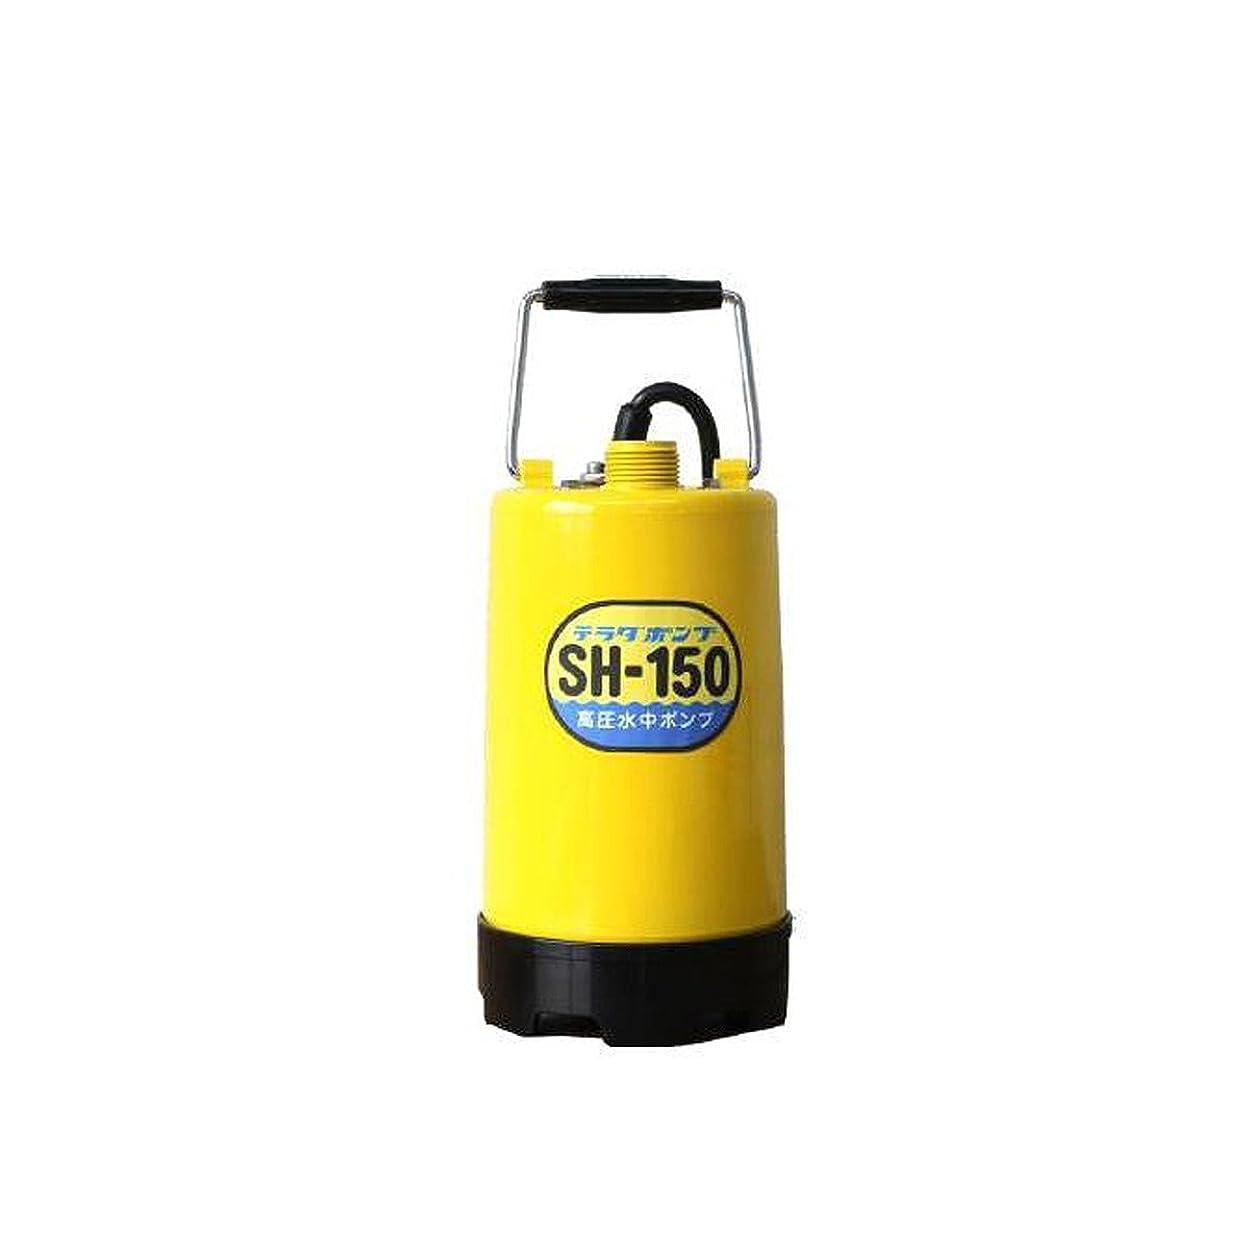 試みファイバ用語集寺田ポンプ 高圧水中ポンプ(東日本用) SH-150 50Hz